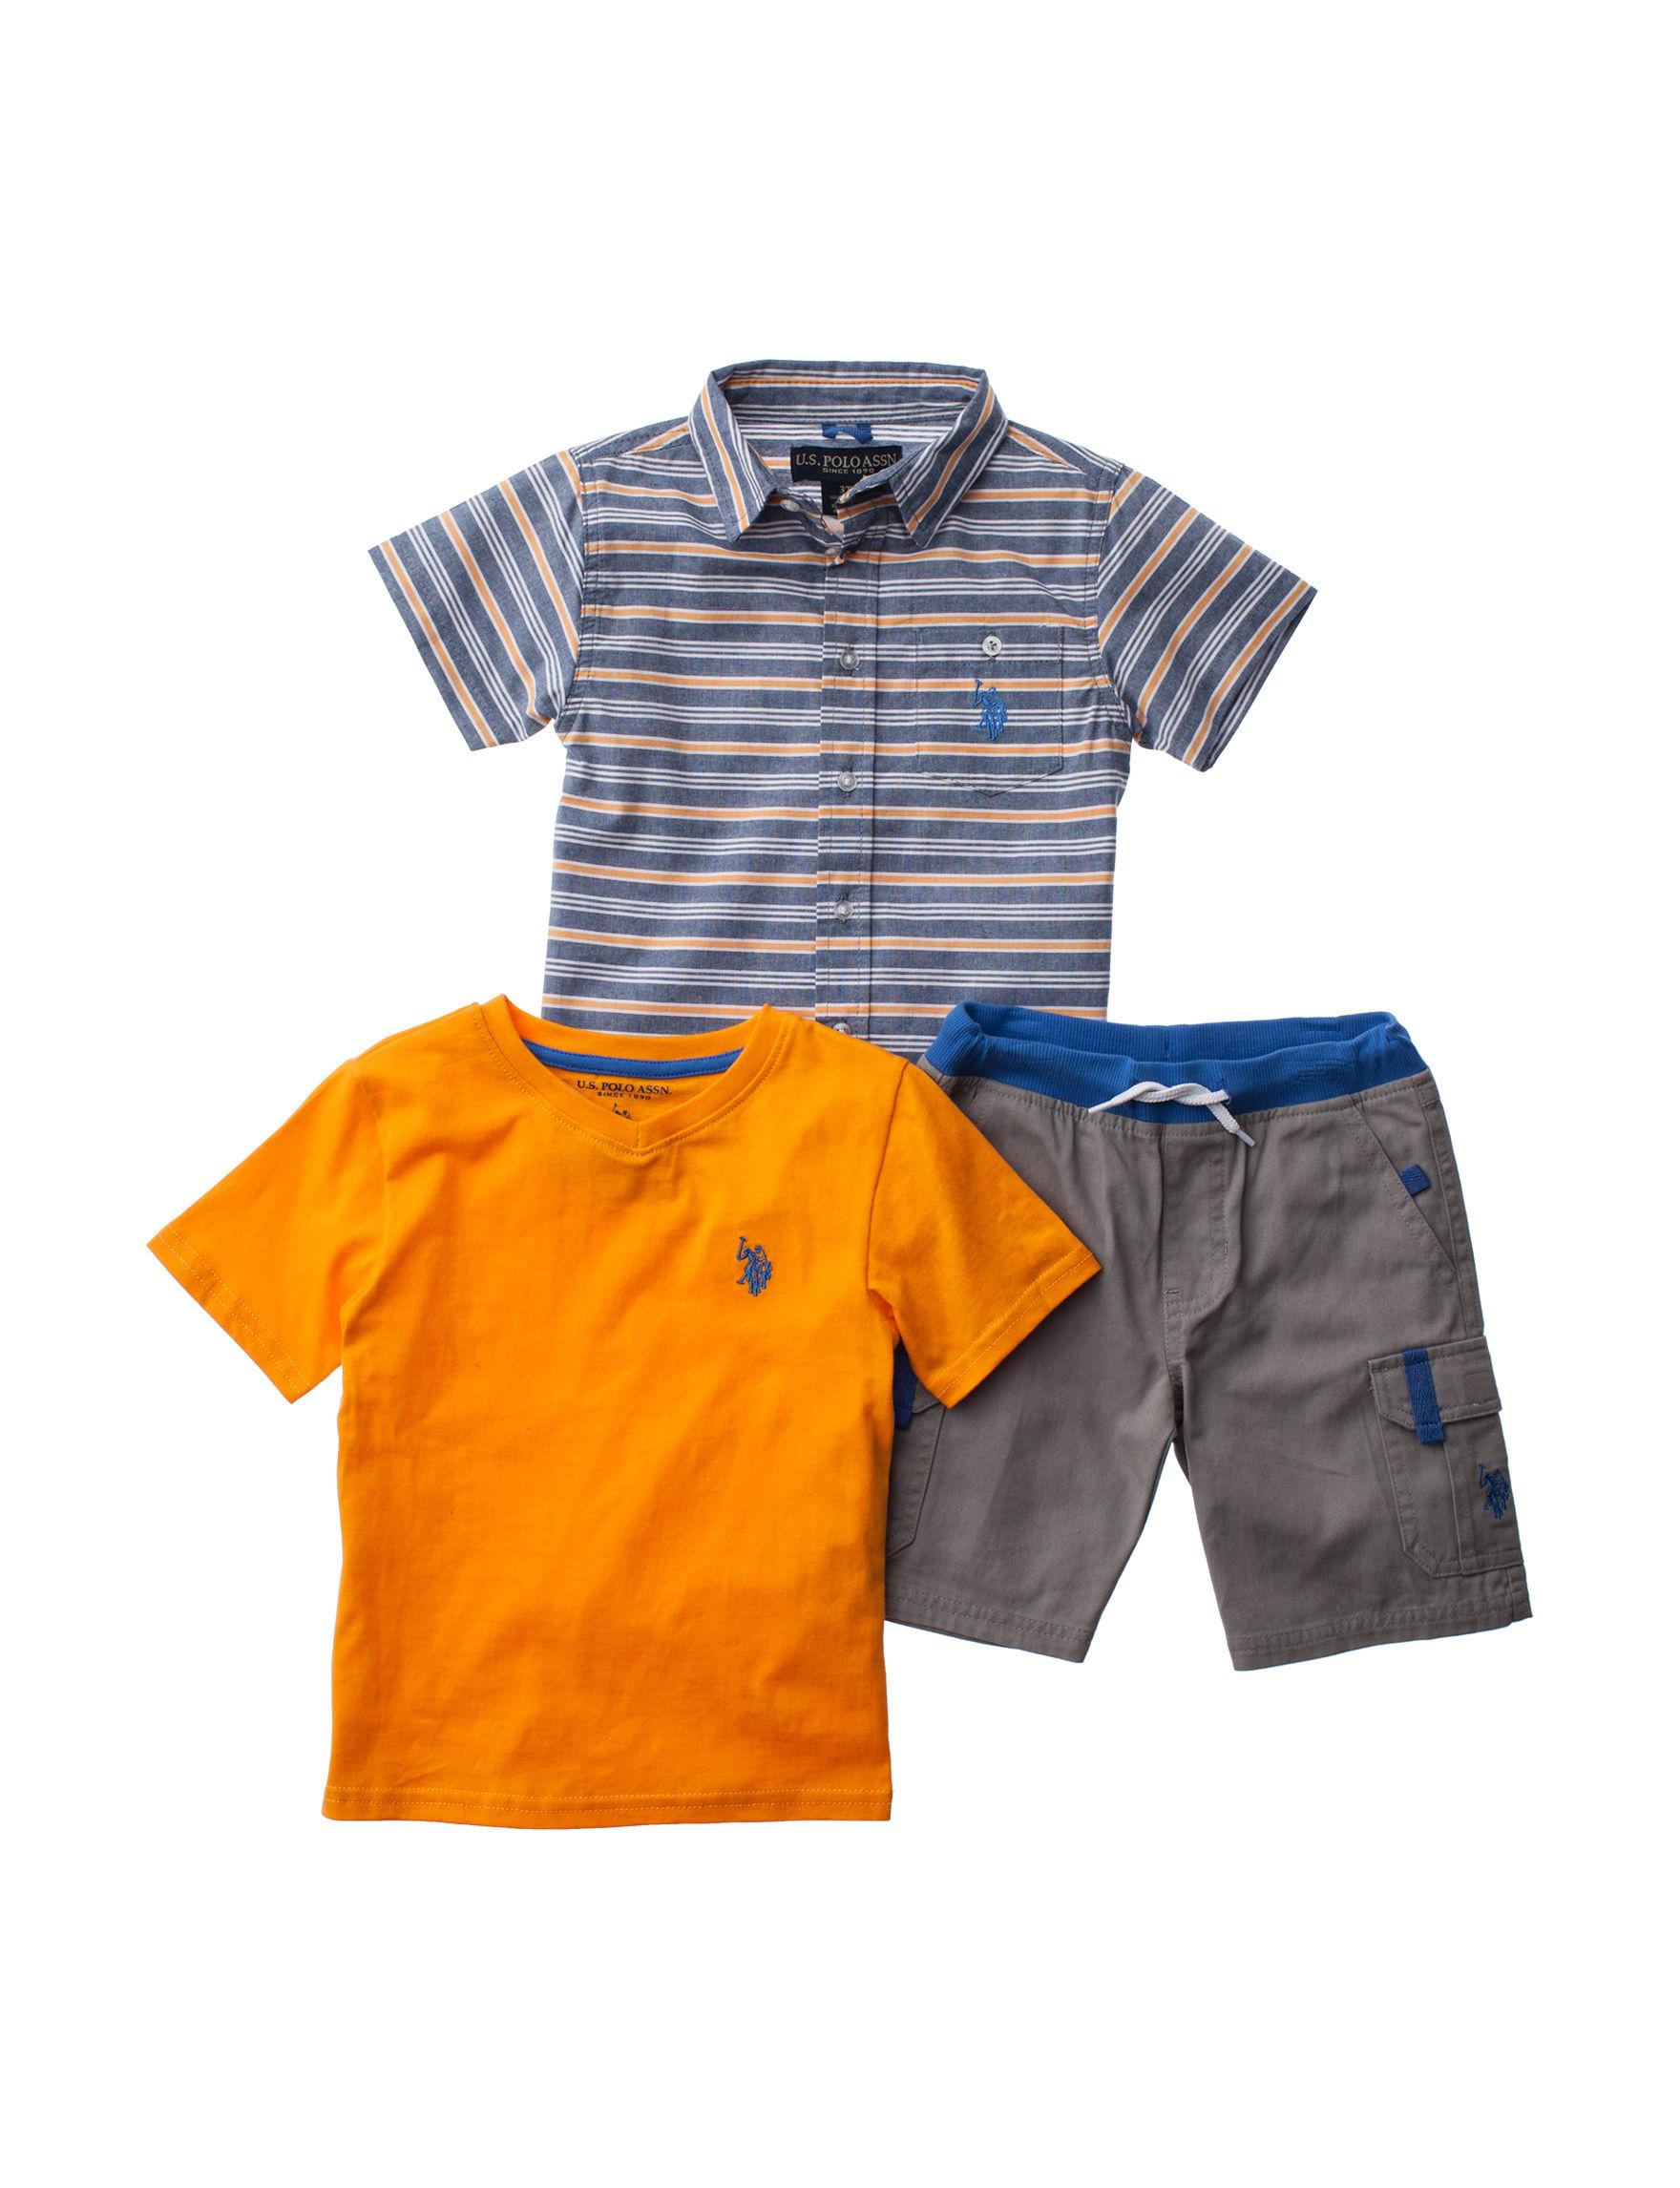 U.S. Polo Assn. Orange Multi